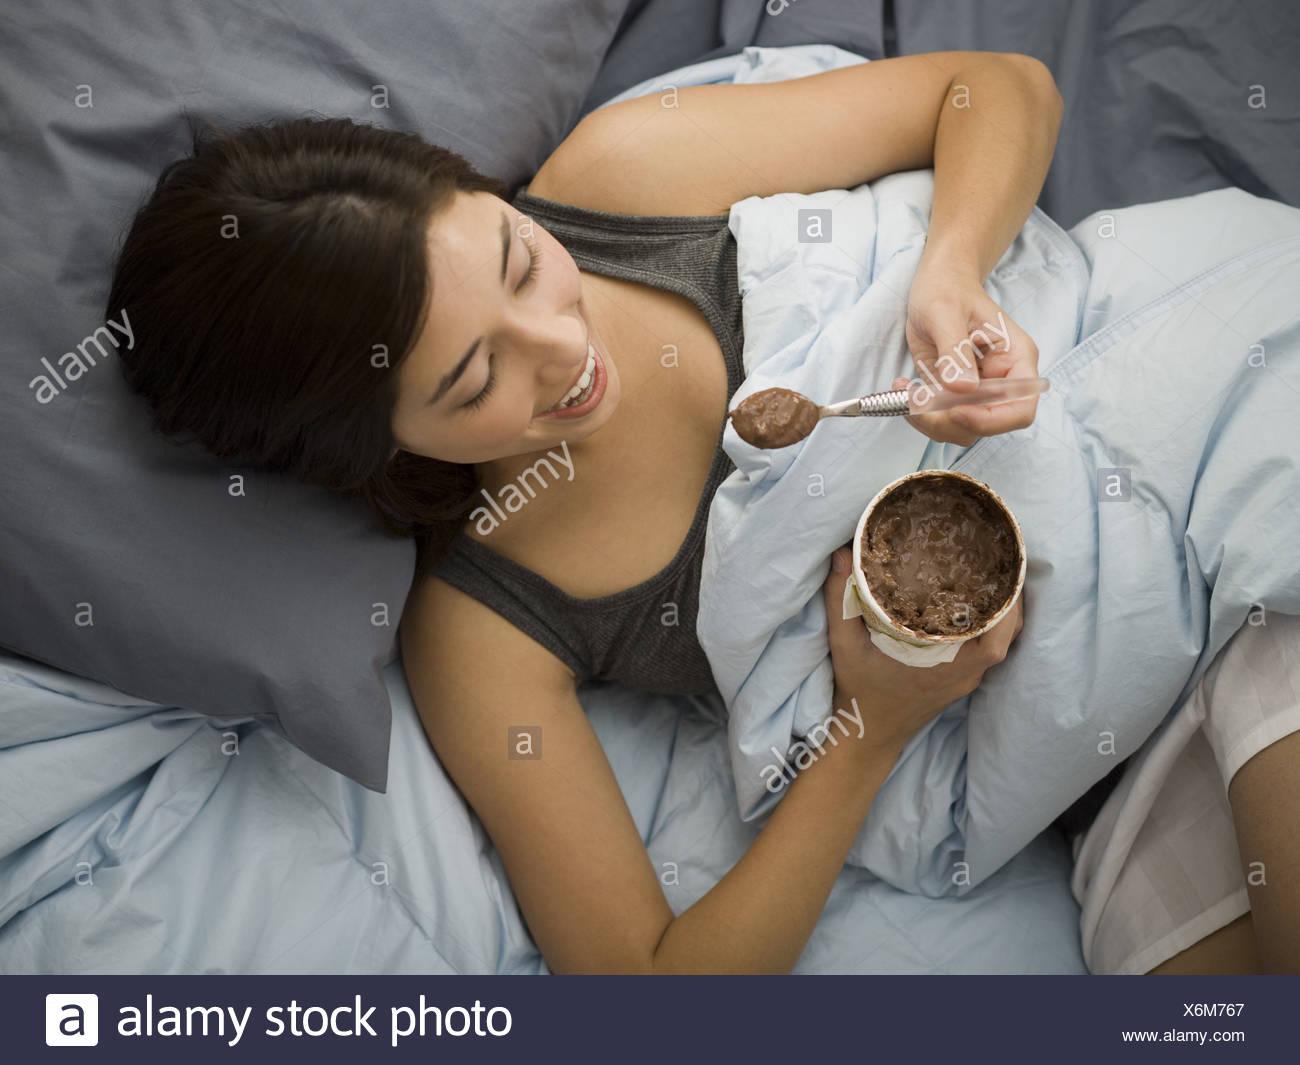 Donna sdraiata nel letto fuoriuscita di gelato al cioccolato sulla coperta Immagini Stock